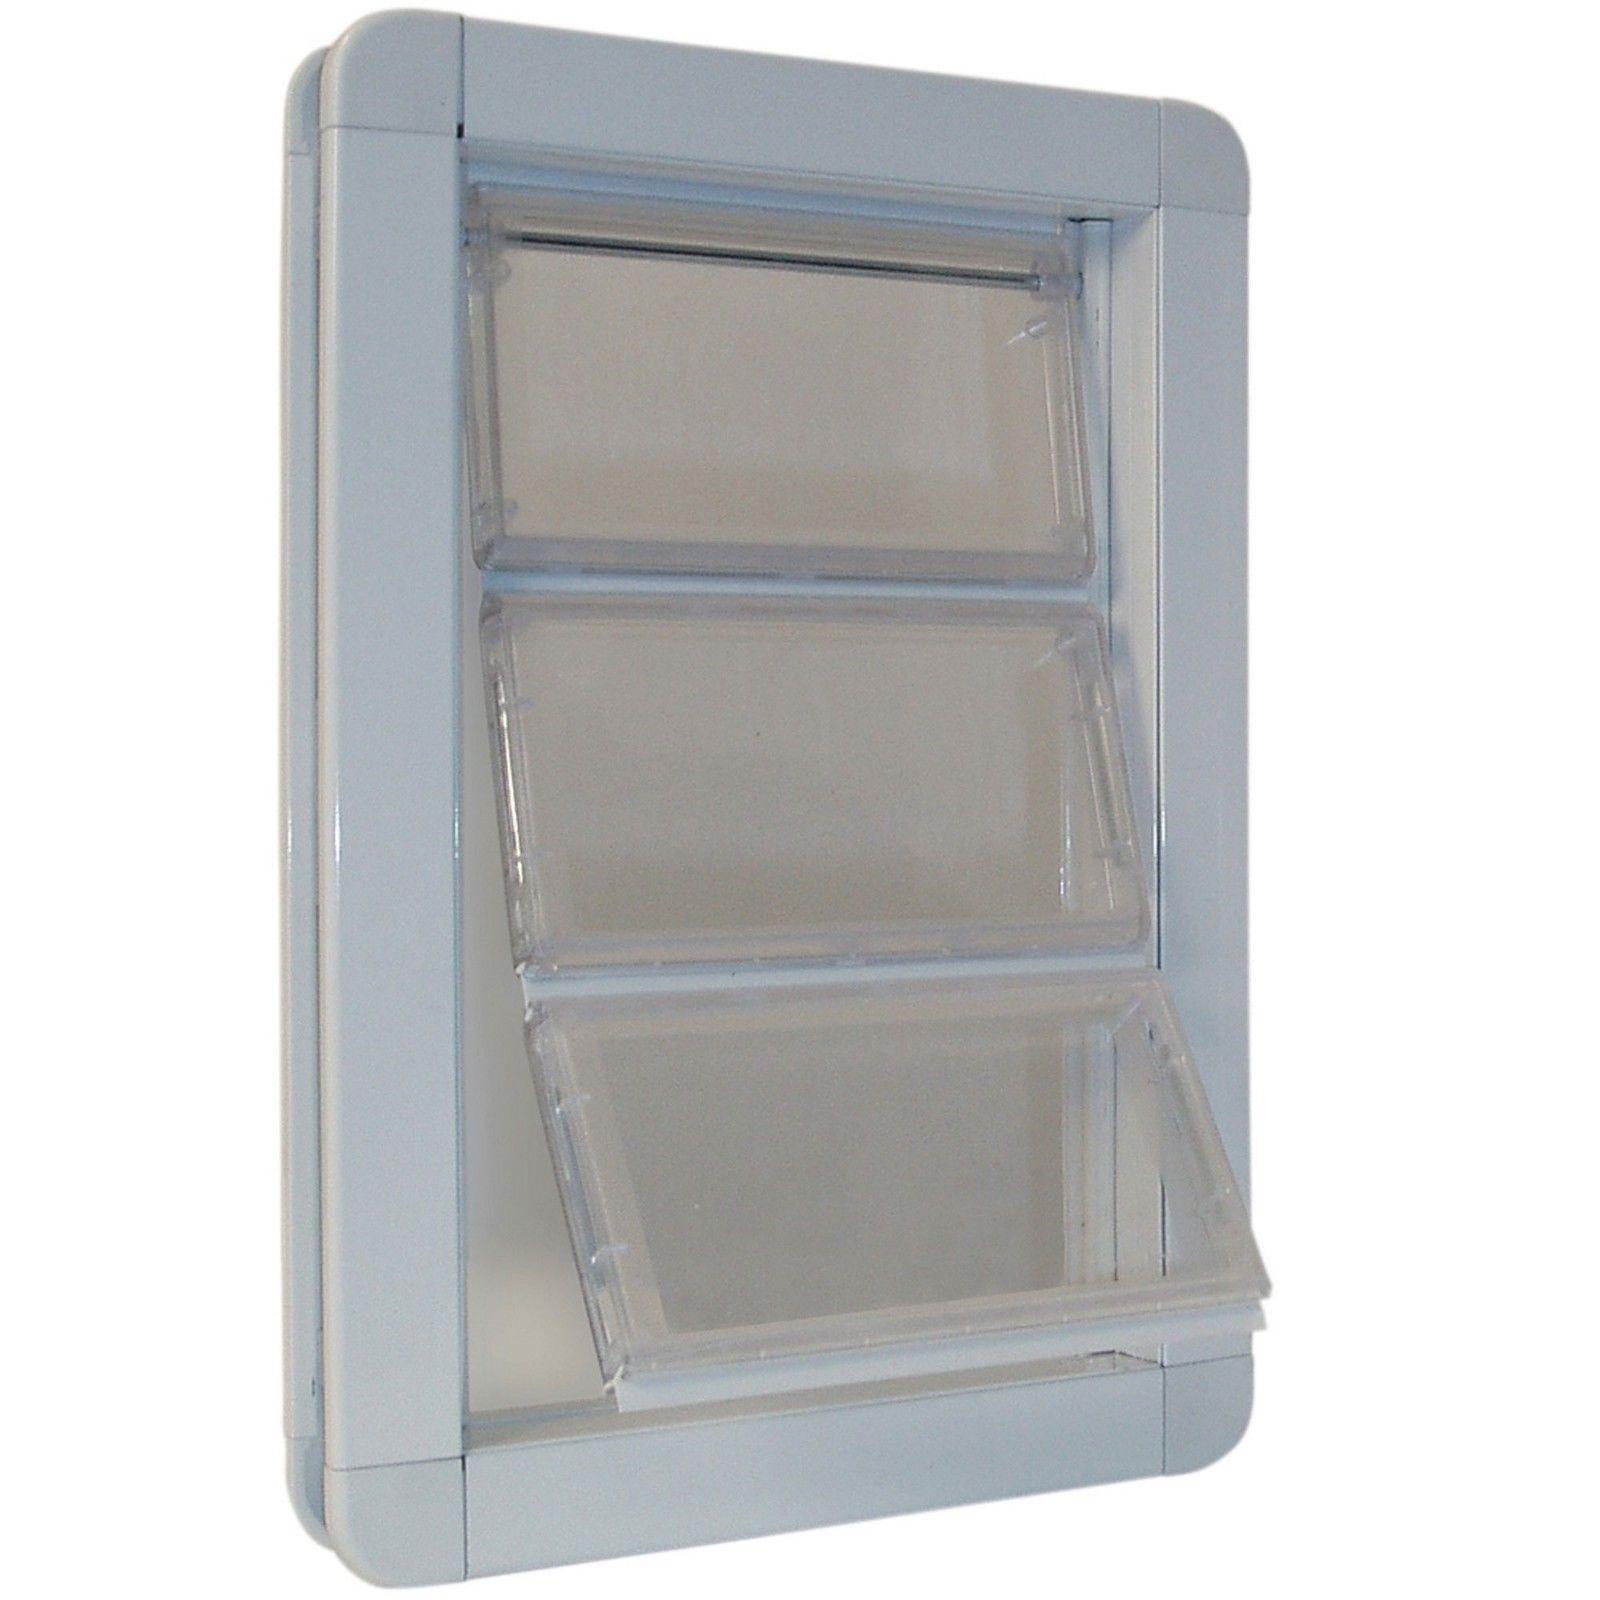 """Ideal Pet Products Premium Draft-Stopper Pet Door Medium White 2.5"""" x 10"""" x 14.7"""